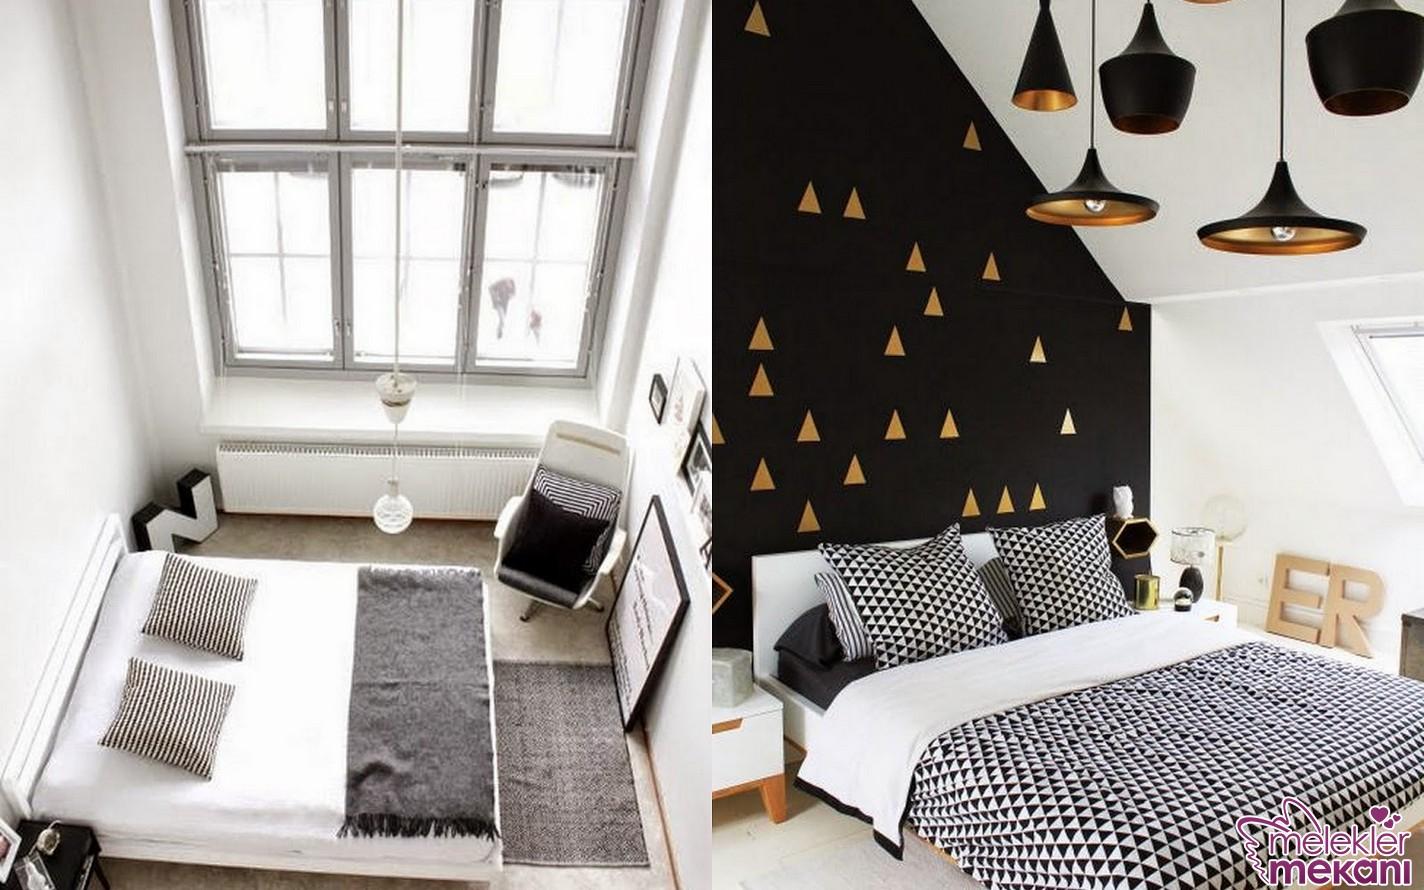 Yatak odanızda siyah beyaz dekorasyon ile etkili görünümü yakalamanız kaçınılmaz.